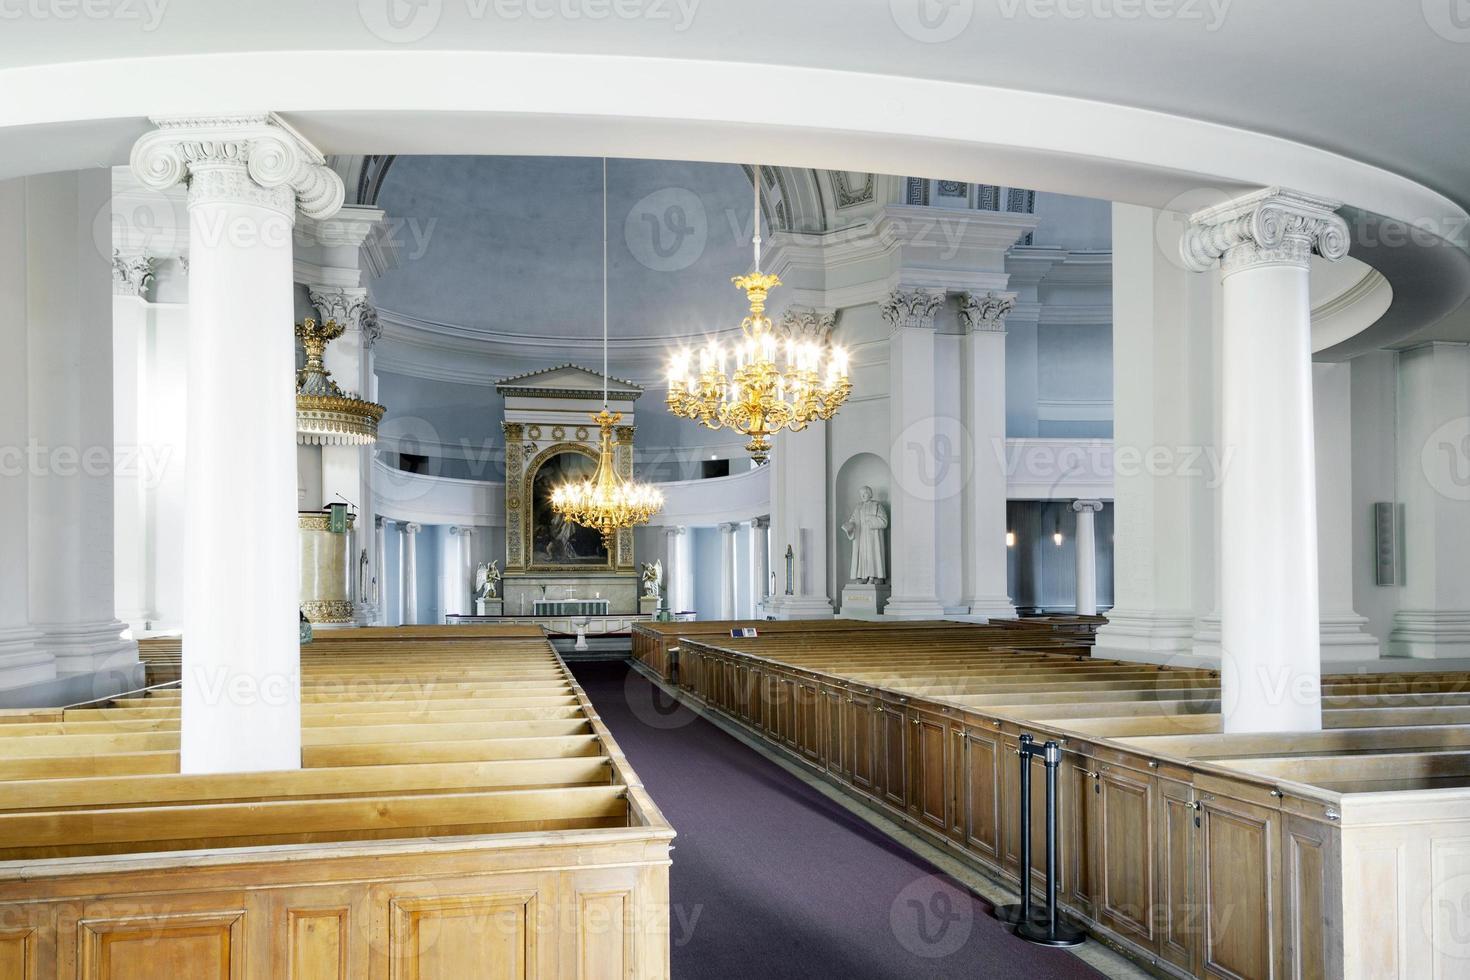 interno della cattedrale di helsinki foto